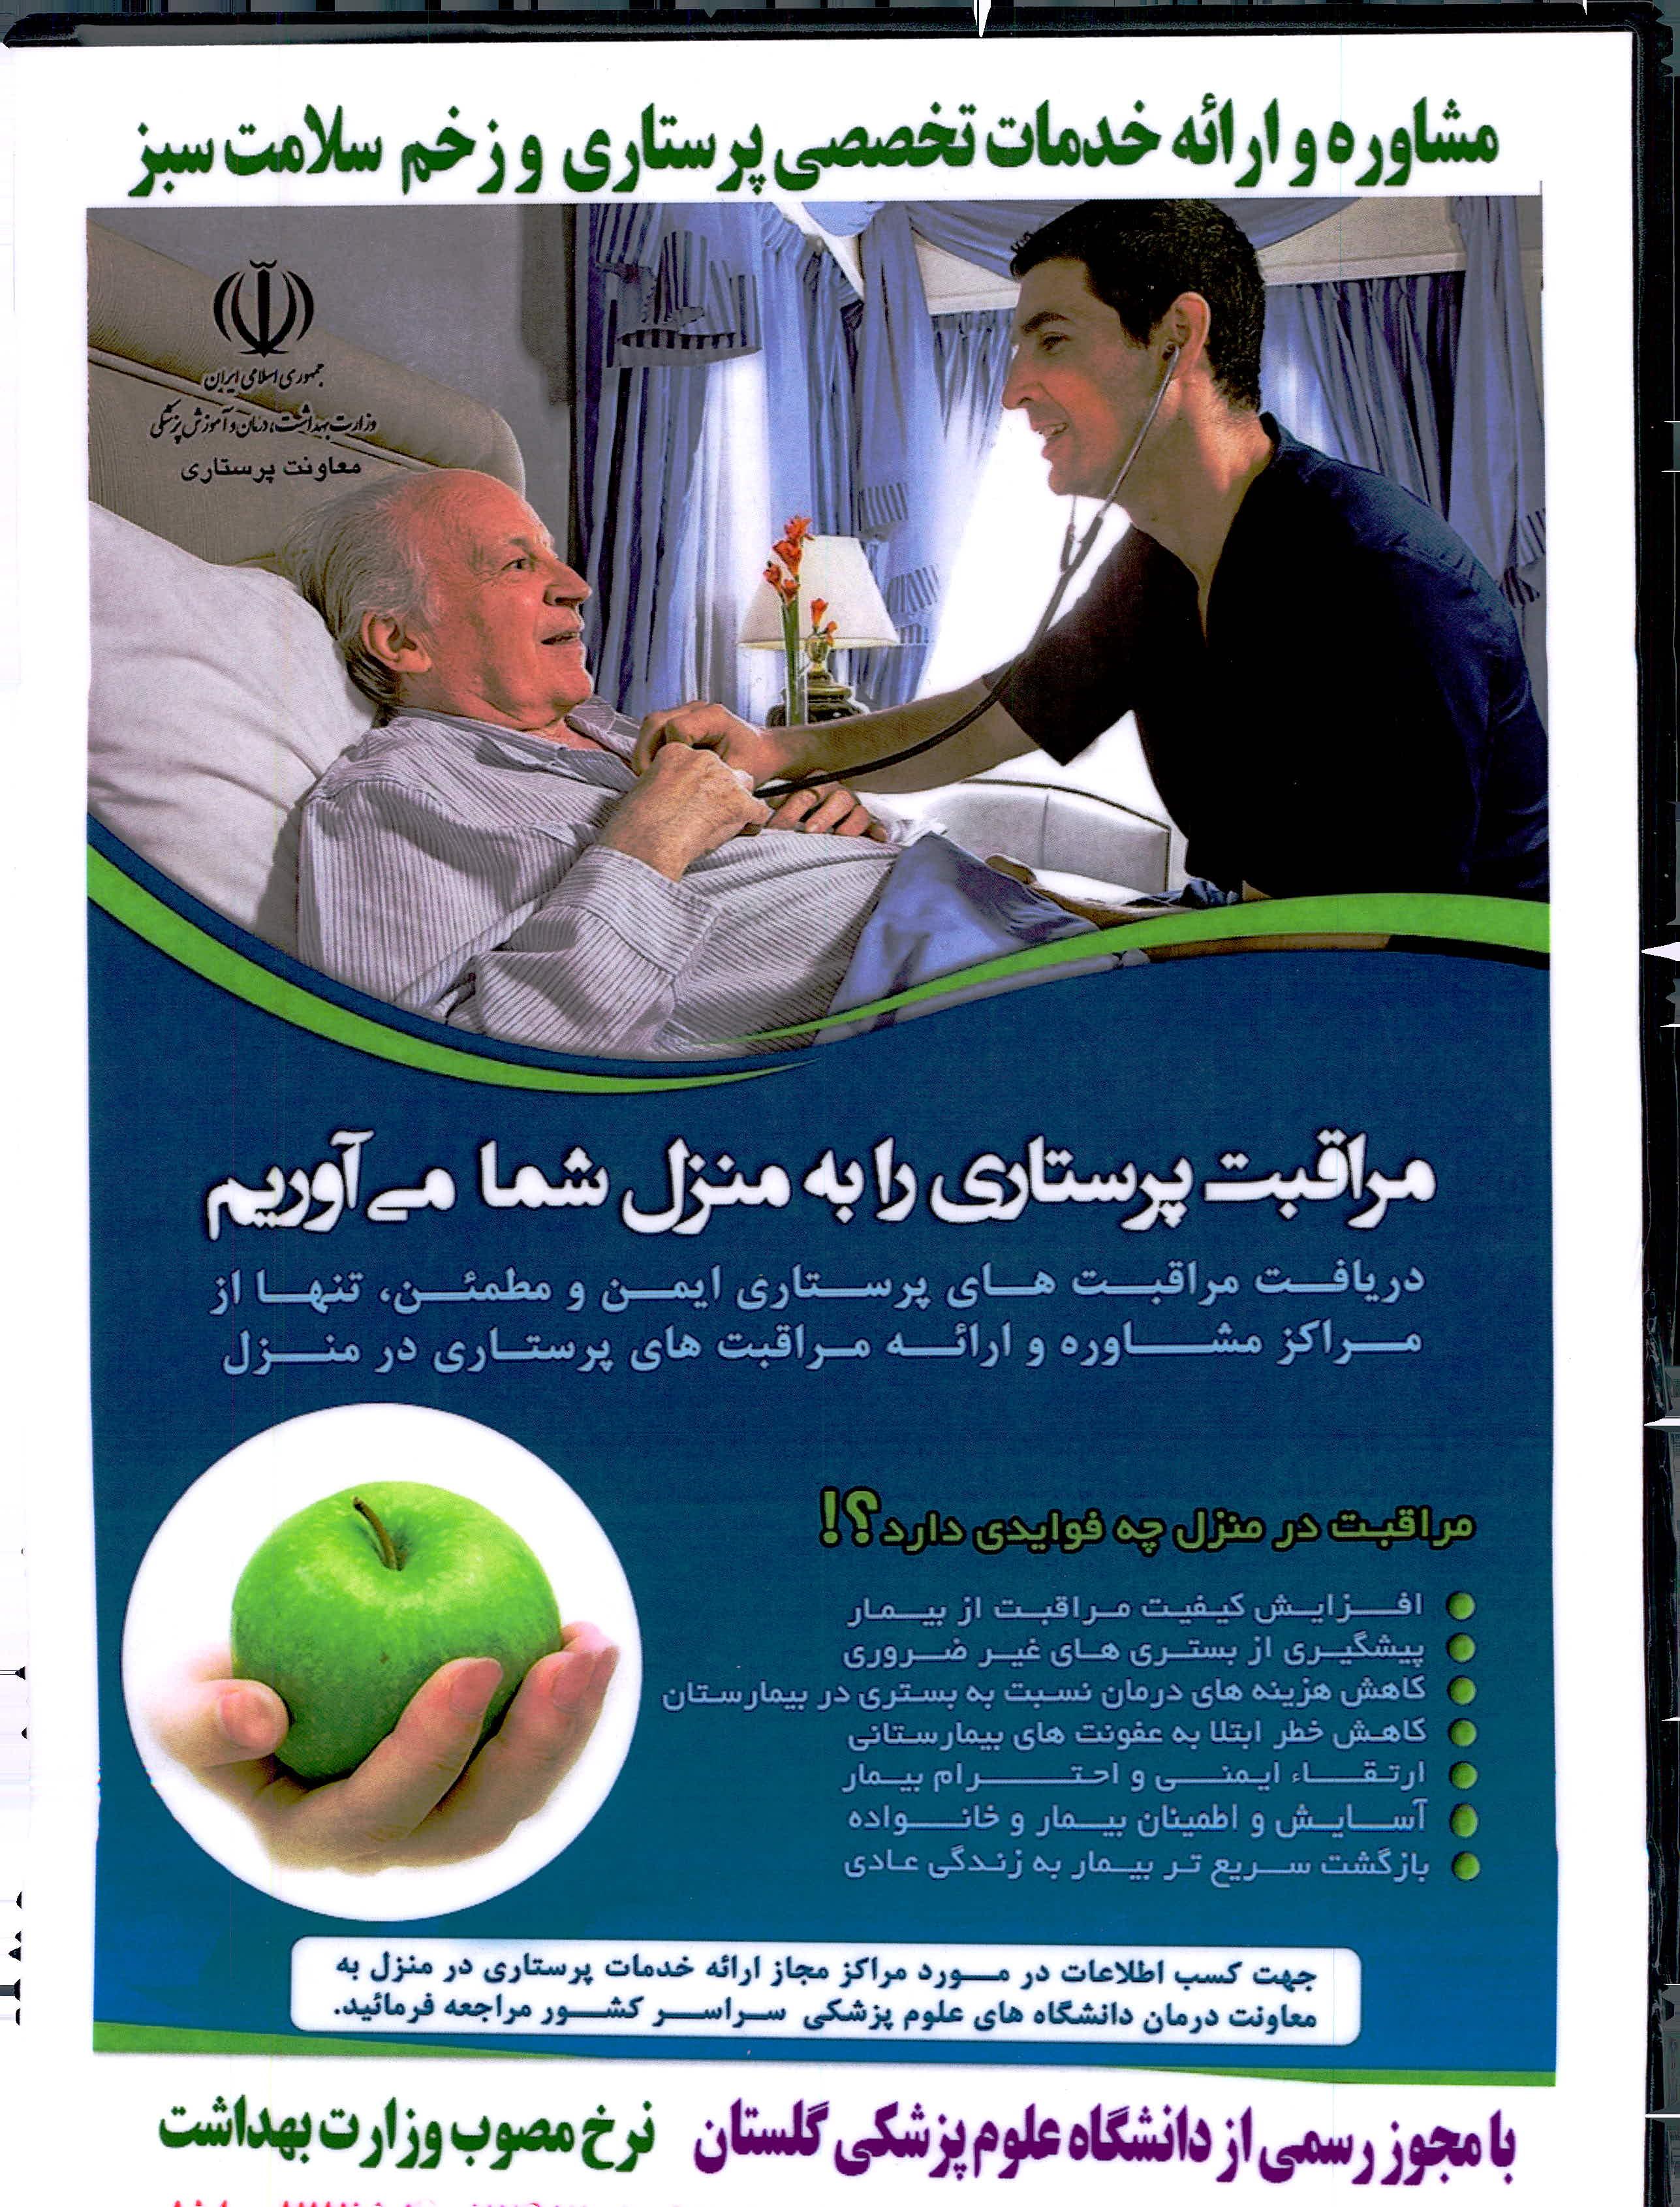 کلینیک مراقبت های پرستاری در منزل